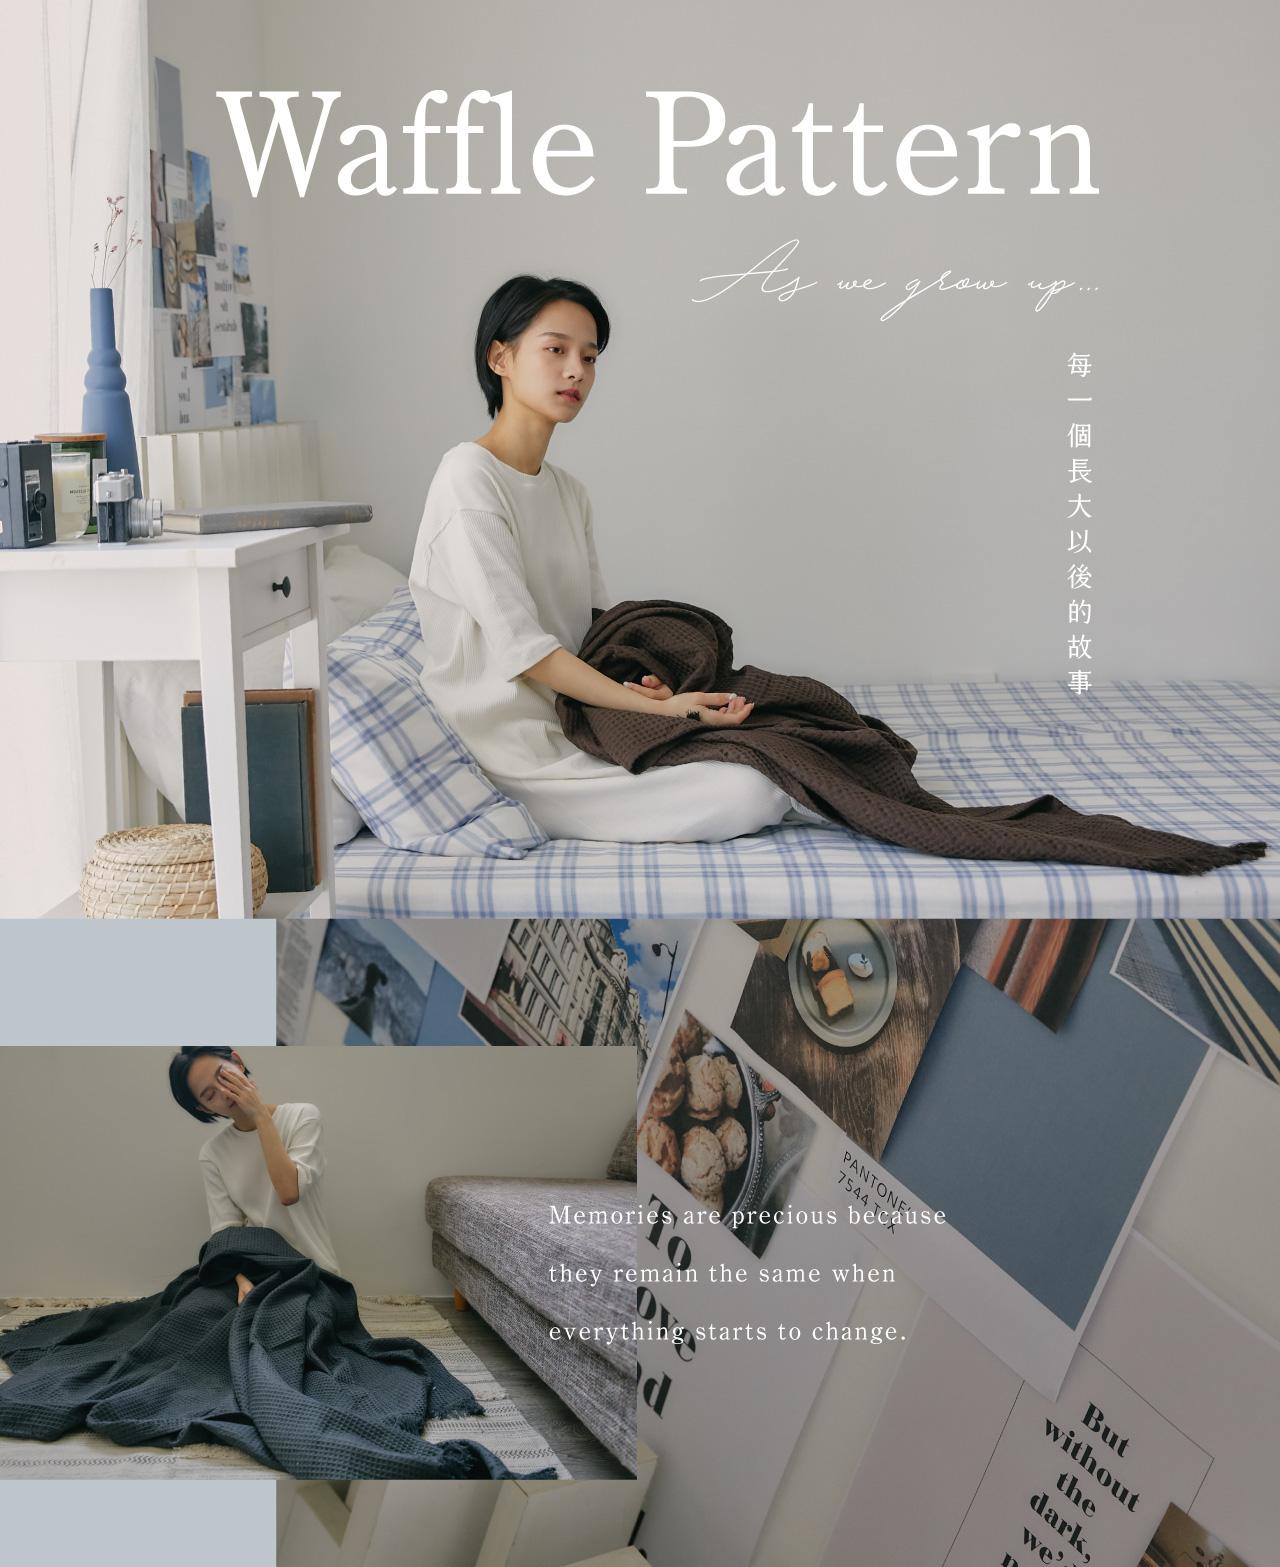 waffle pattern-1